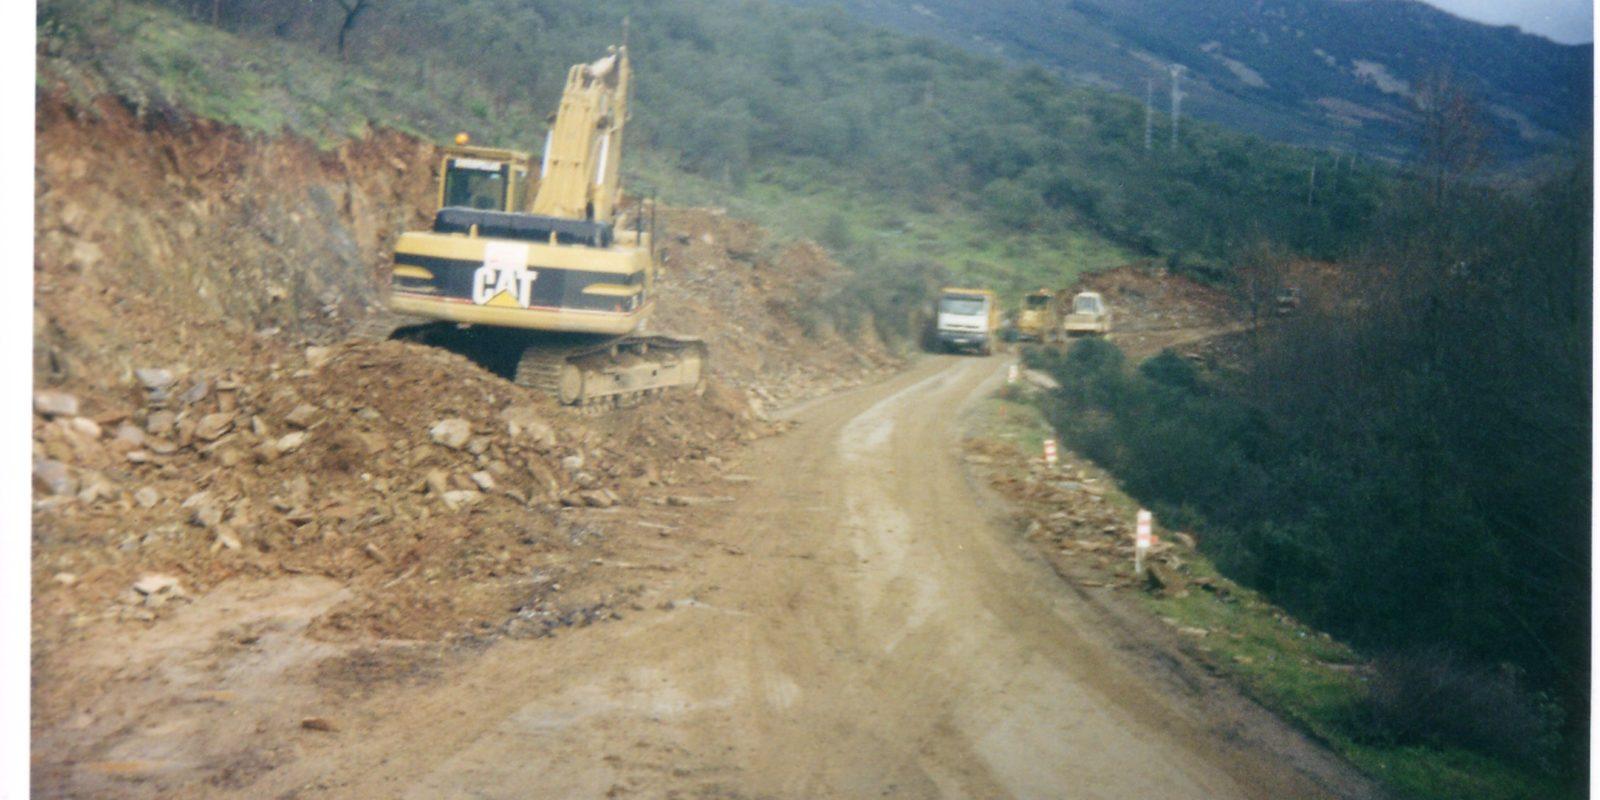 Acondicionamiento C.V. de Retamosa-Navezuelas. (subcontratada a Corsan-Corviam)